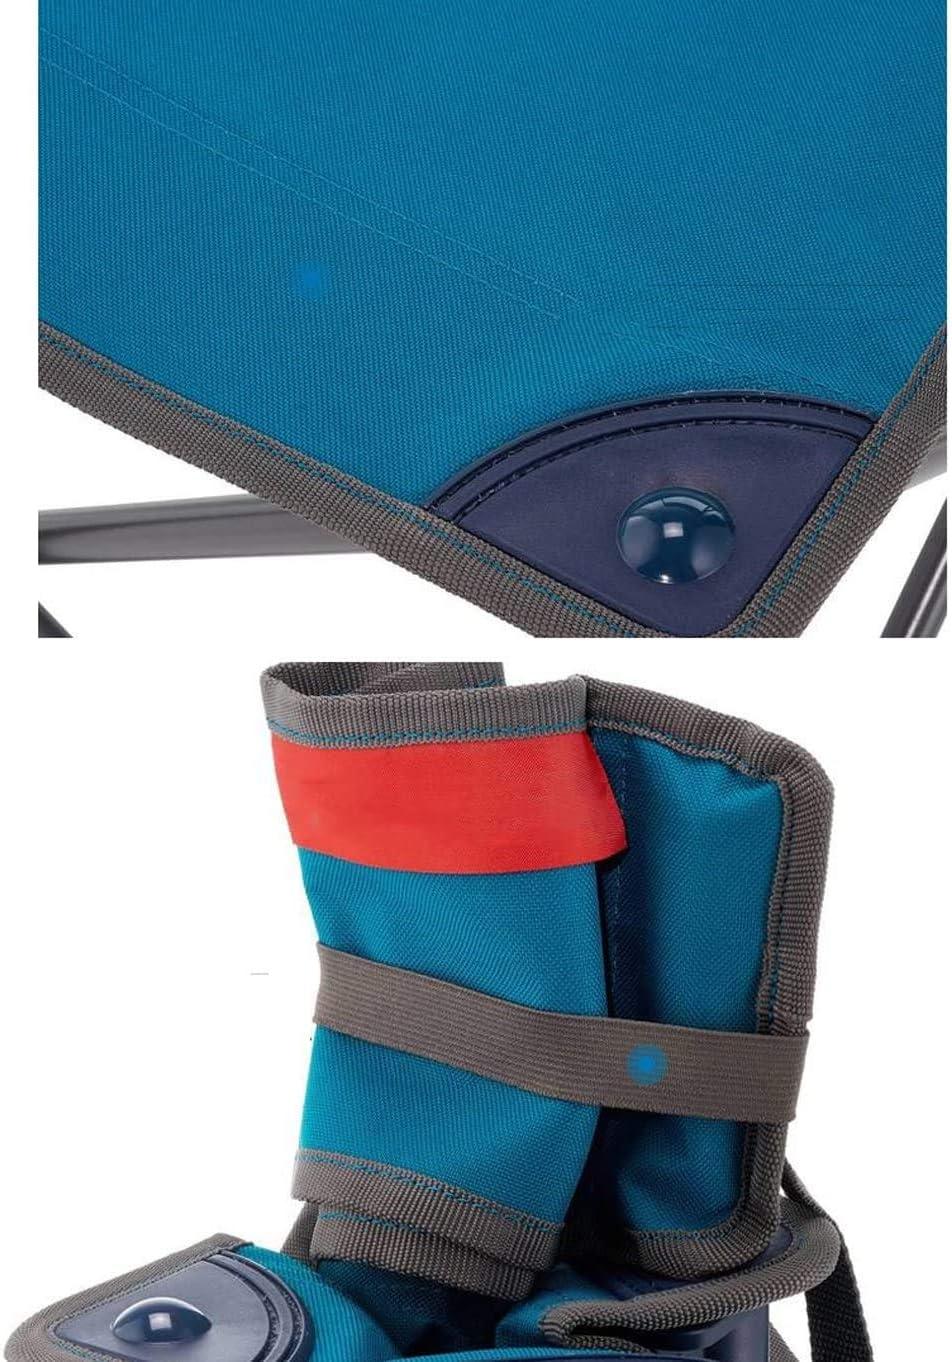 GQQ Chaise de Bureau, Chaise Pliante Extérieure Portable Camping Enfant Adulte Chaise Loisirs Plage Chaise Chaise Pliante,1# 2 #